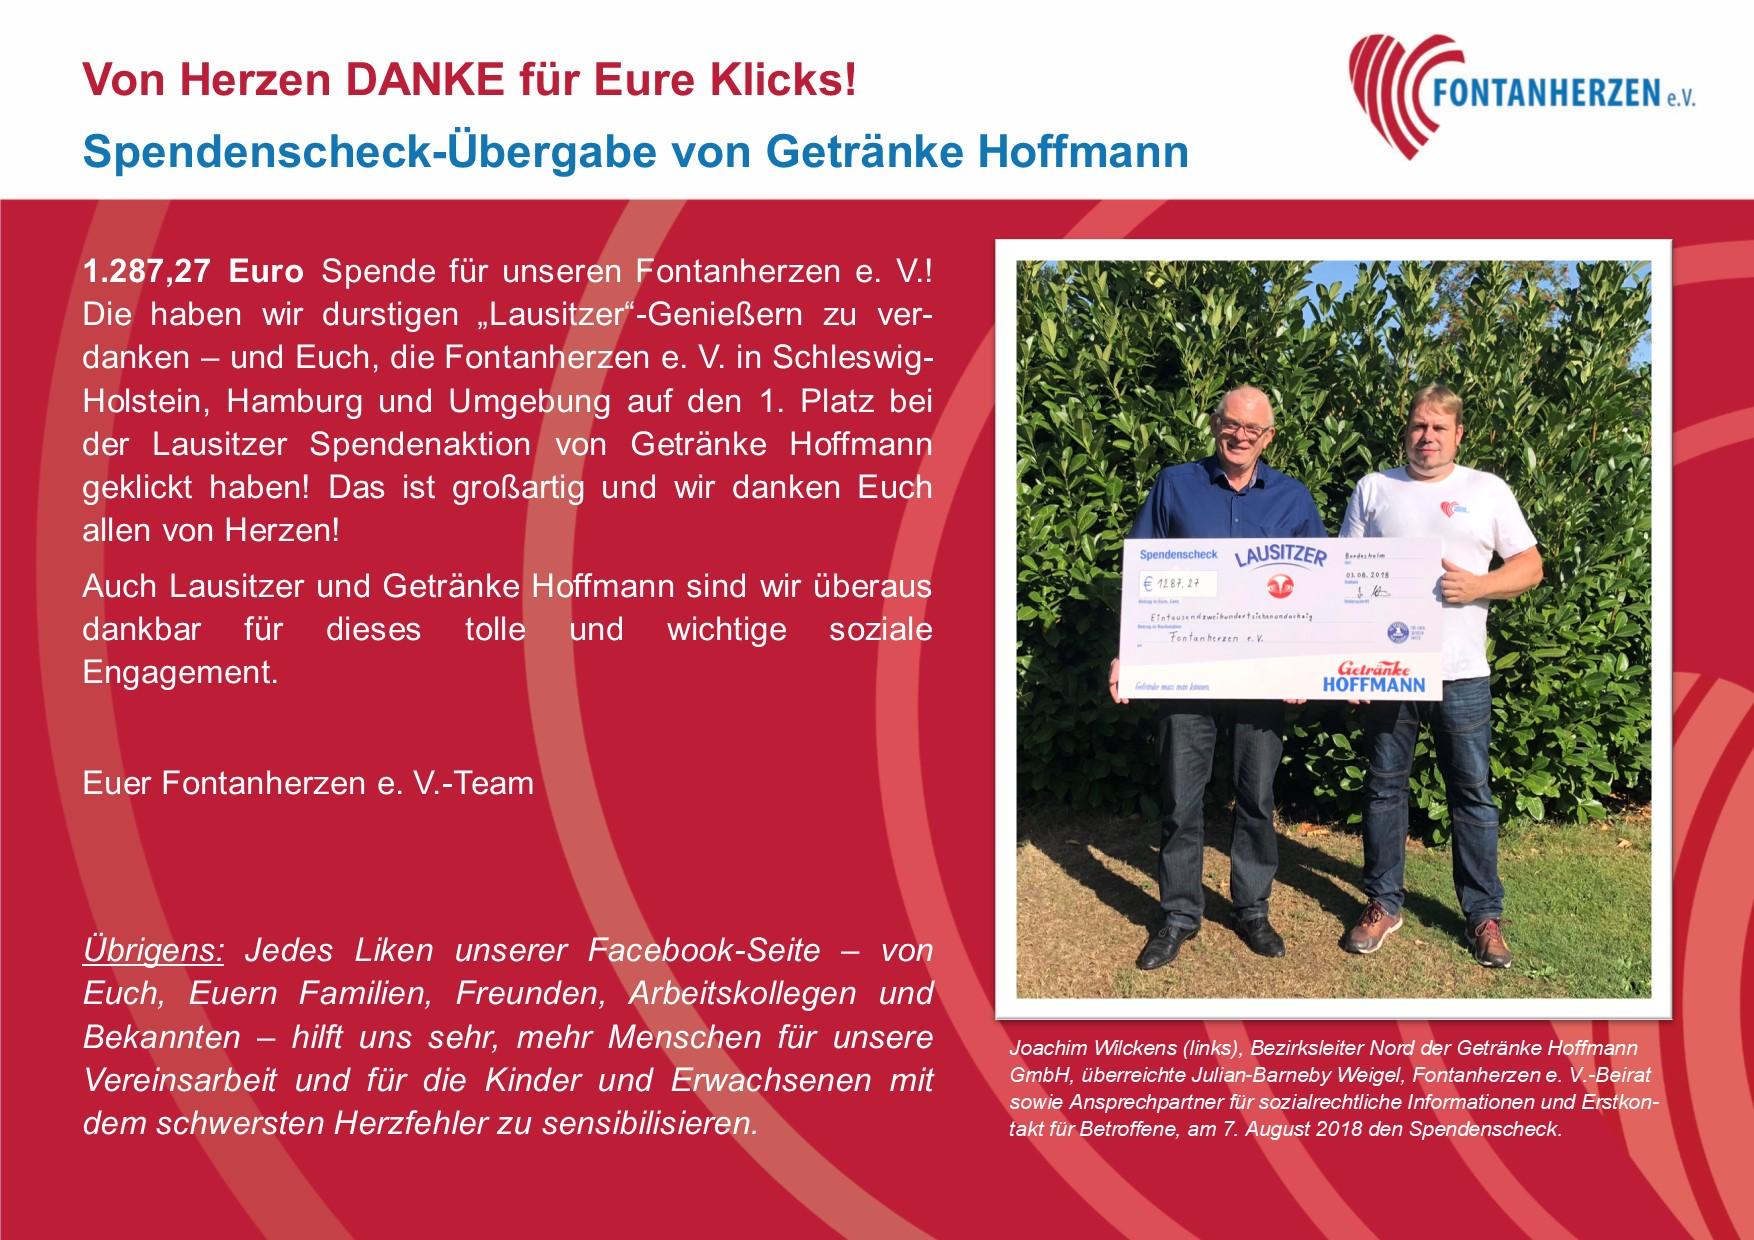 Spendenscheck-Übergabe von Getränke Hoffmann